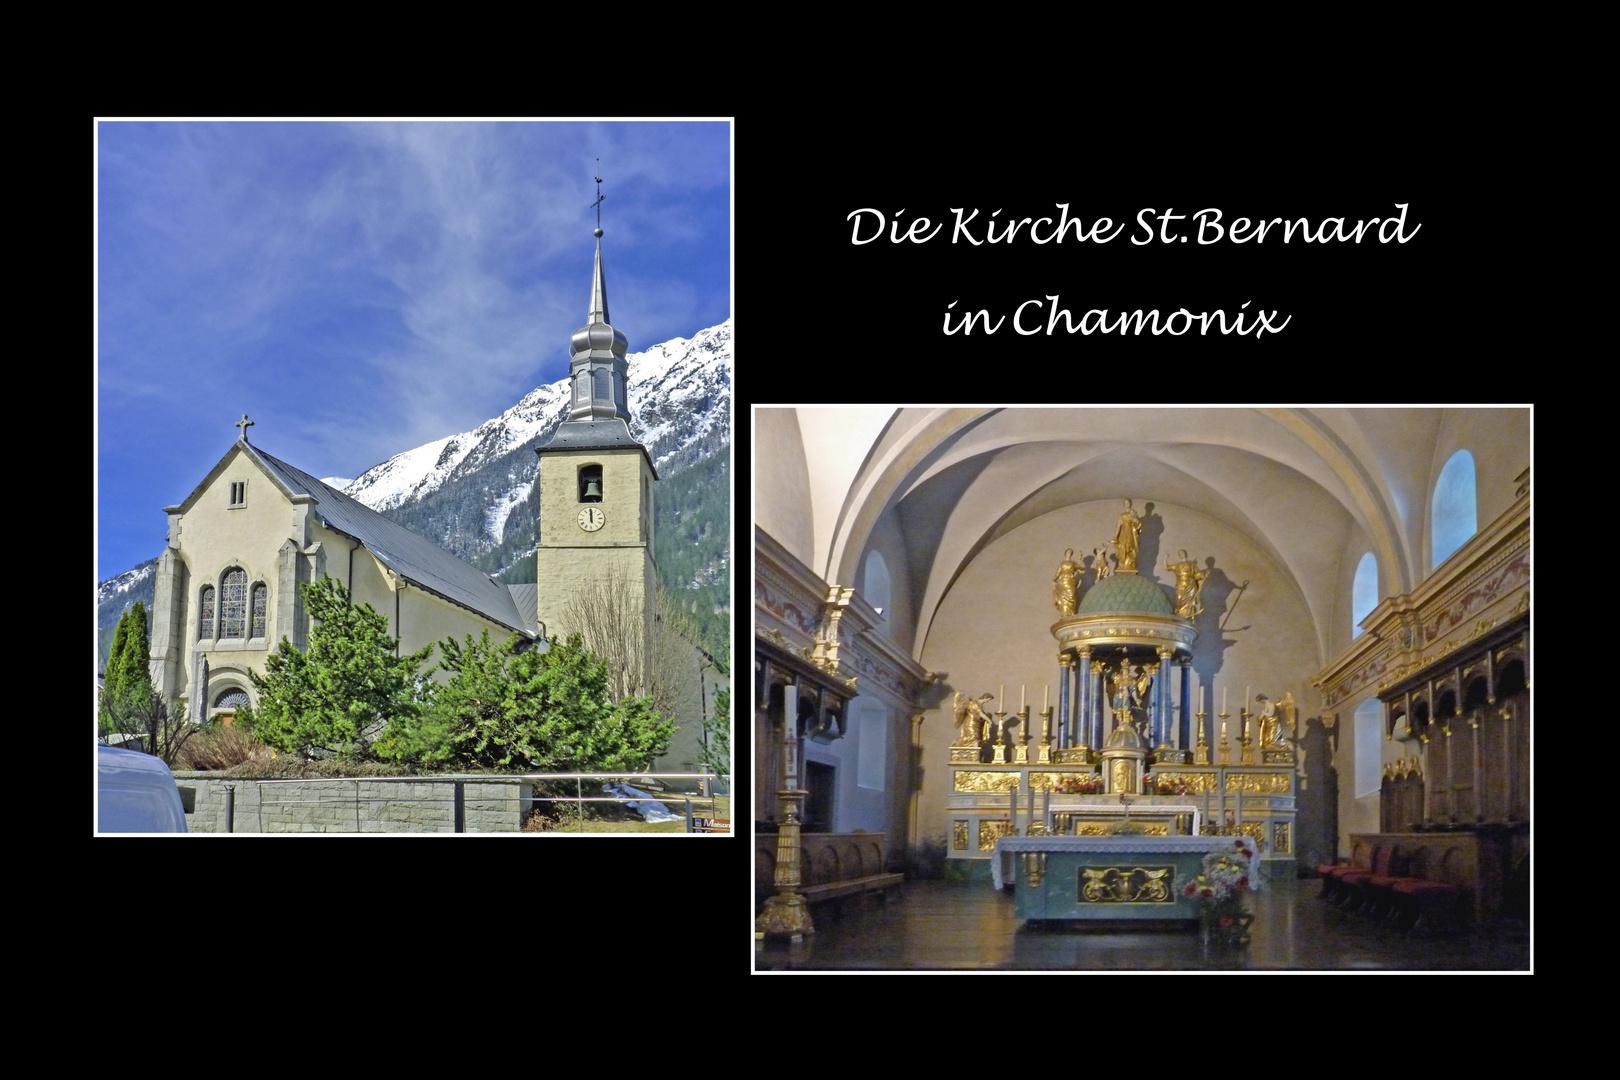 Die Kirche St. Bernard in Chamonix